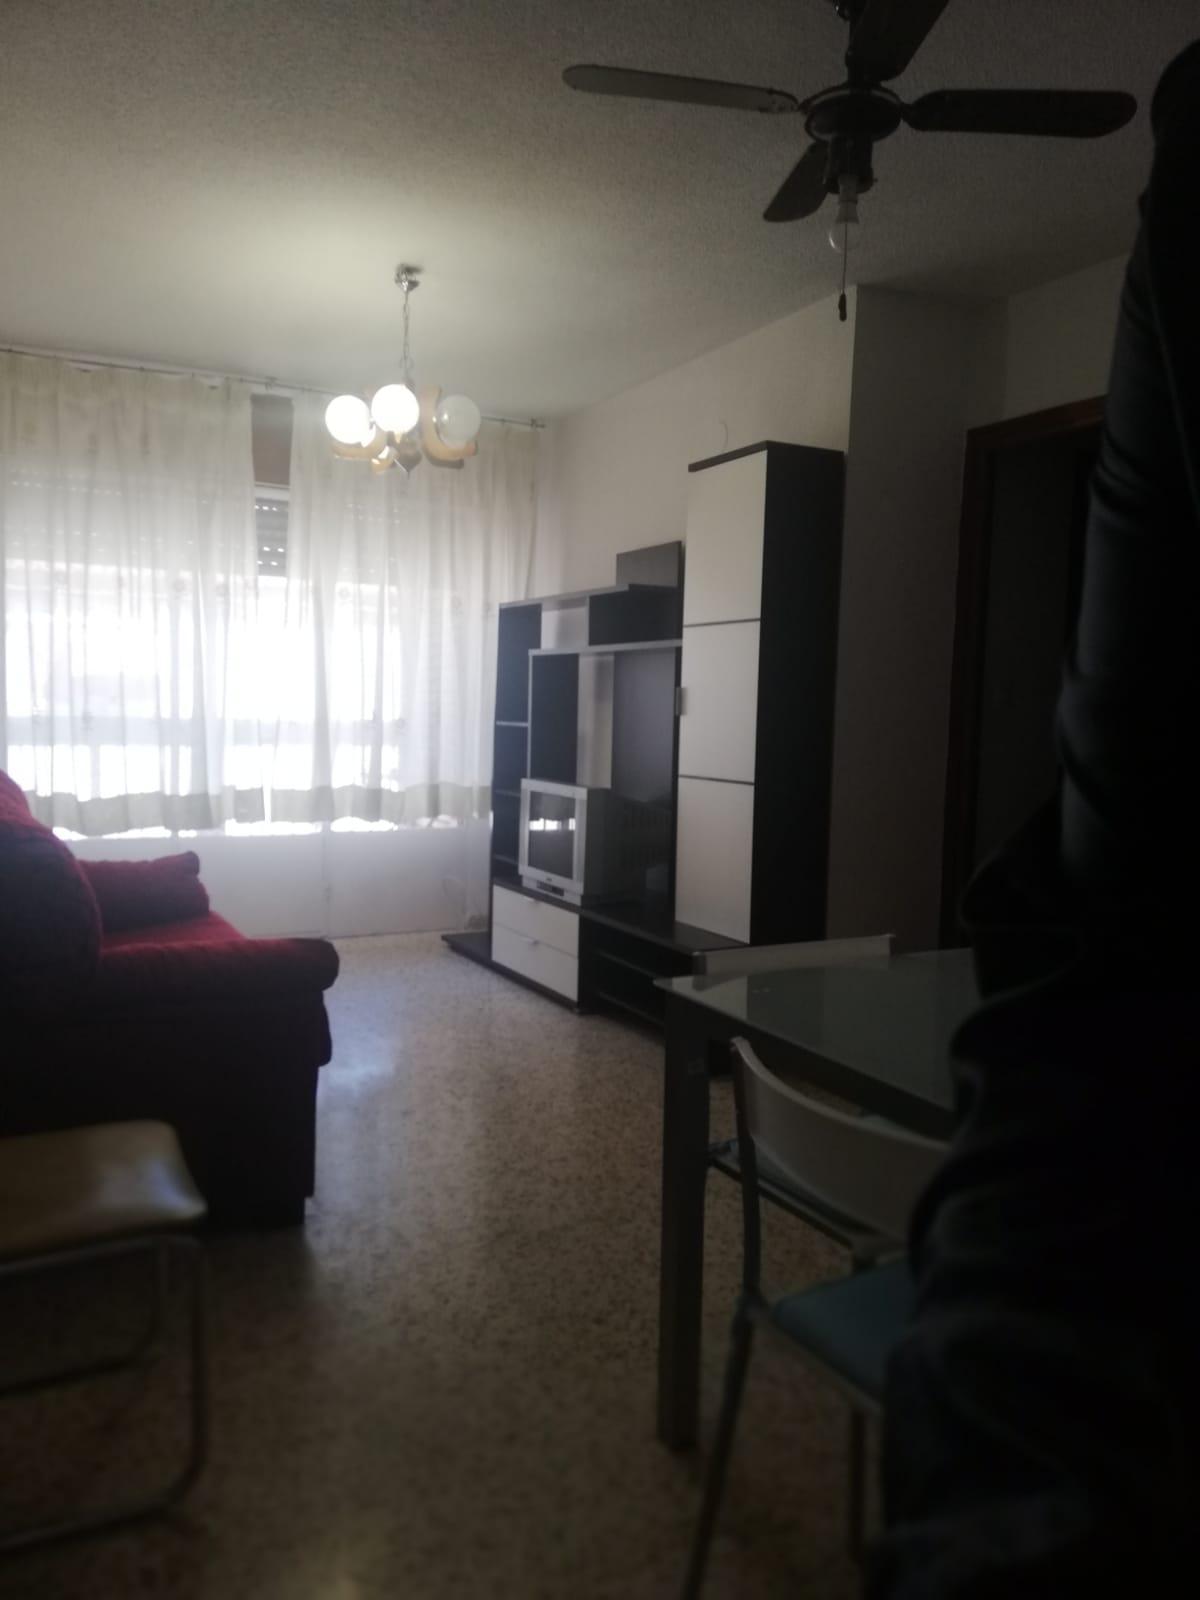 Piso en alquiler en Parque Nueva Granada (Granada), 430 €/mes (Temporada)